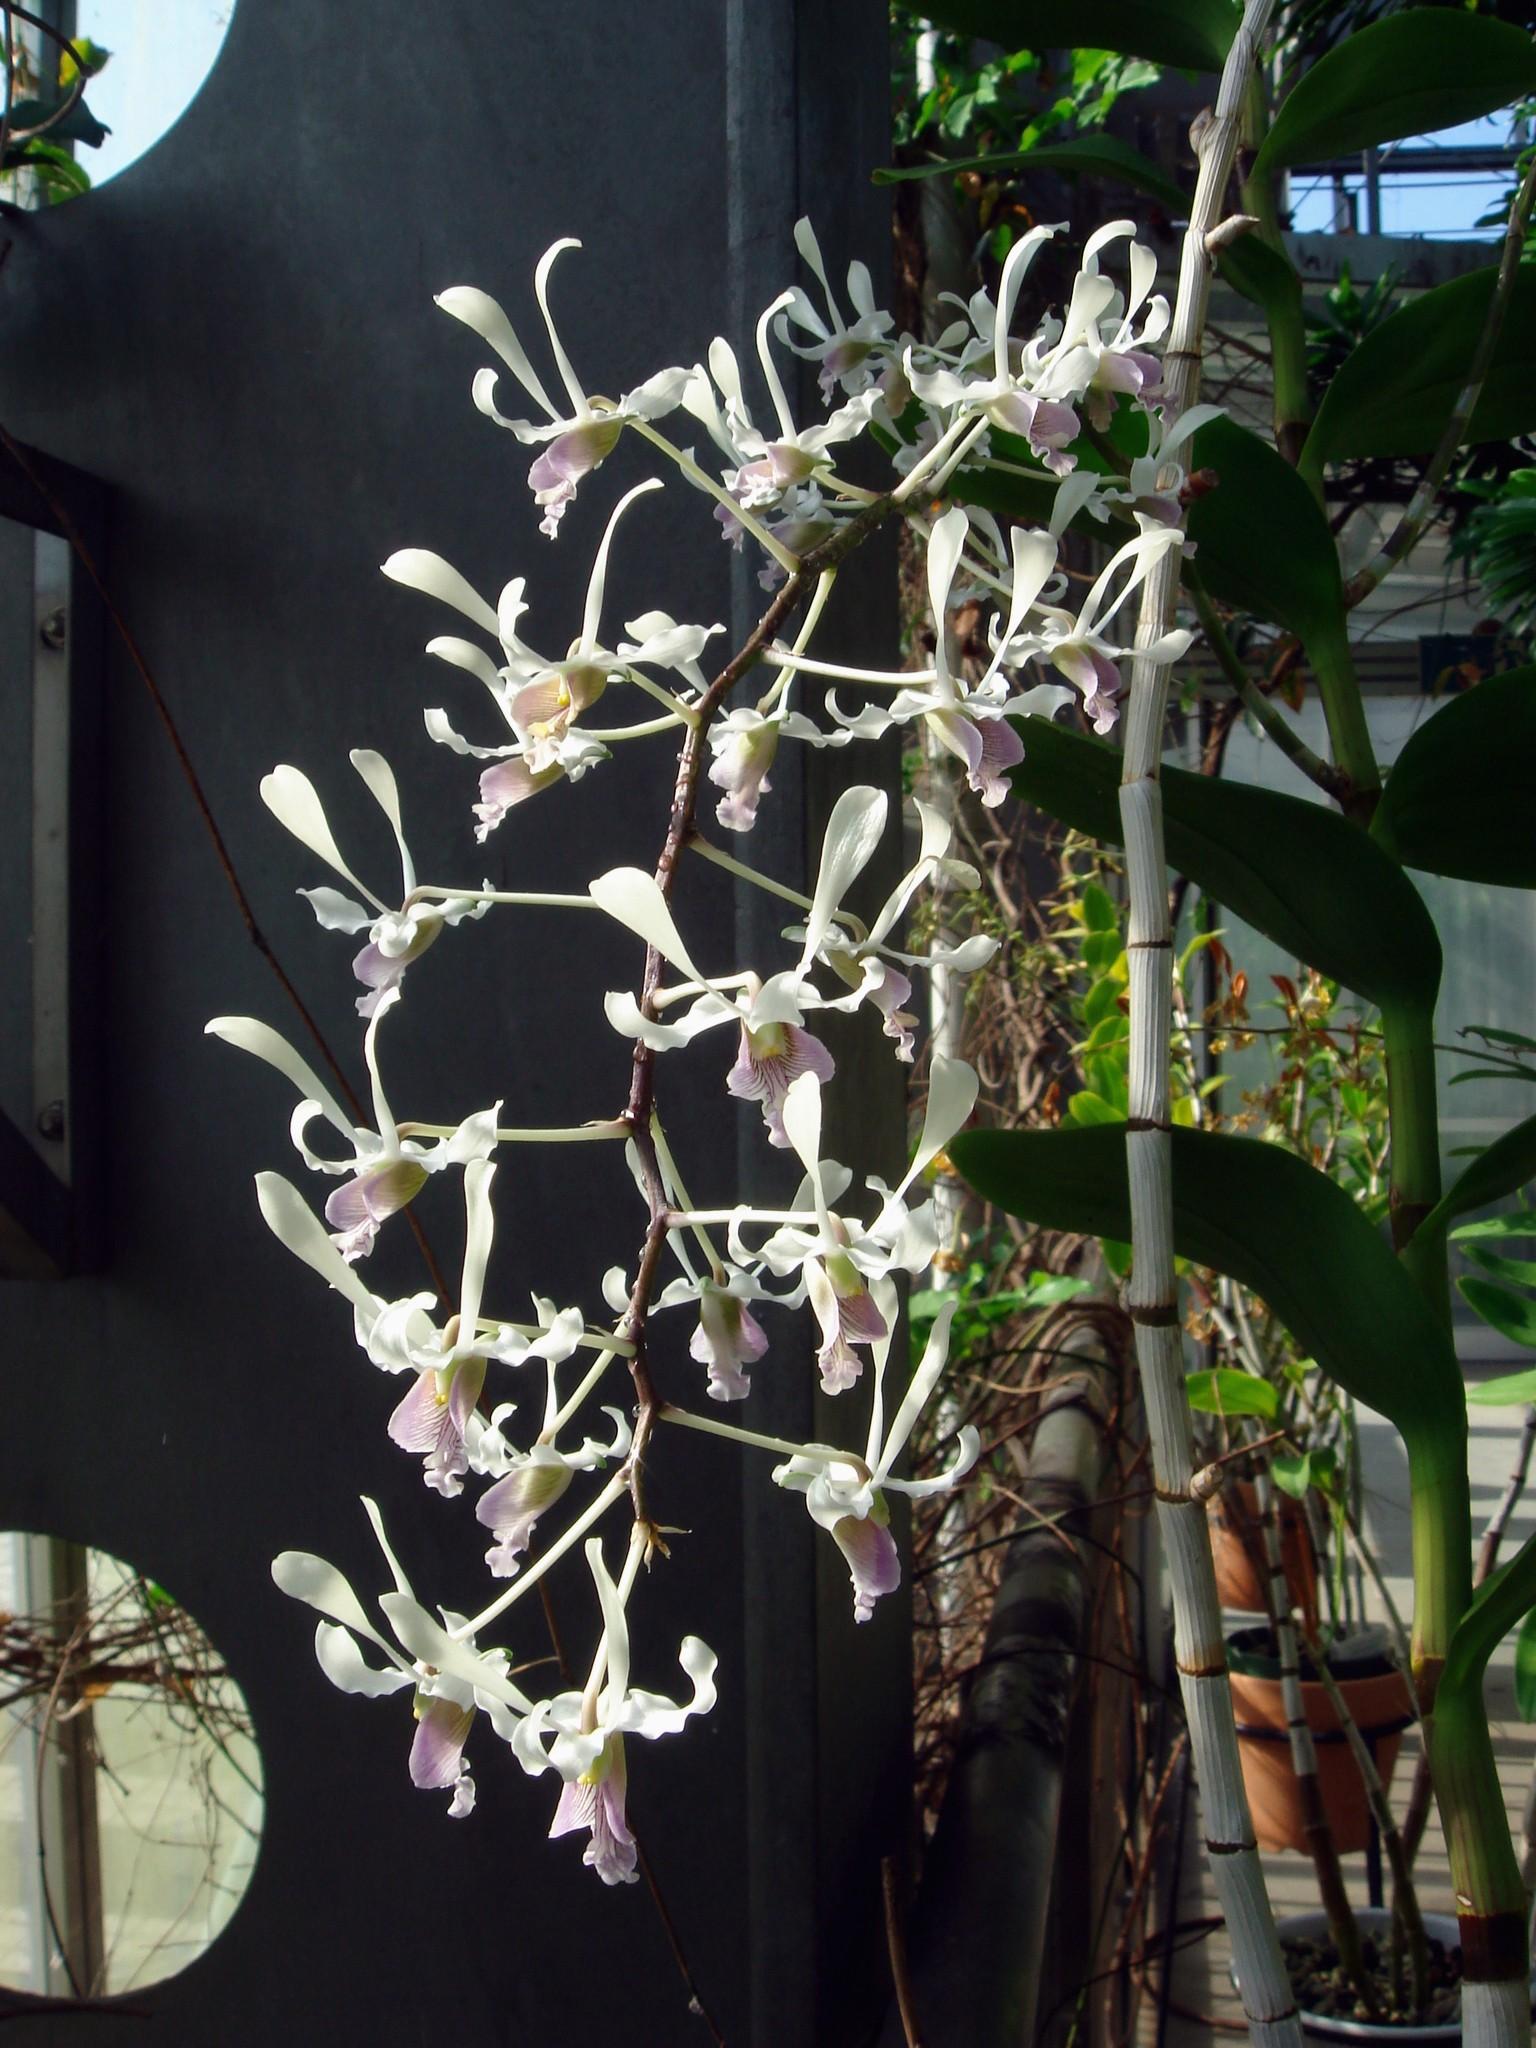 http://orchids.la.coocan.jp/Dendrobium/Dendrobium%20lineale/DSC08466.JPG